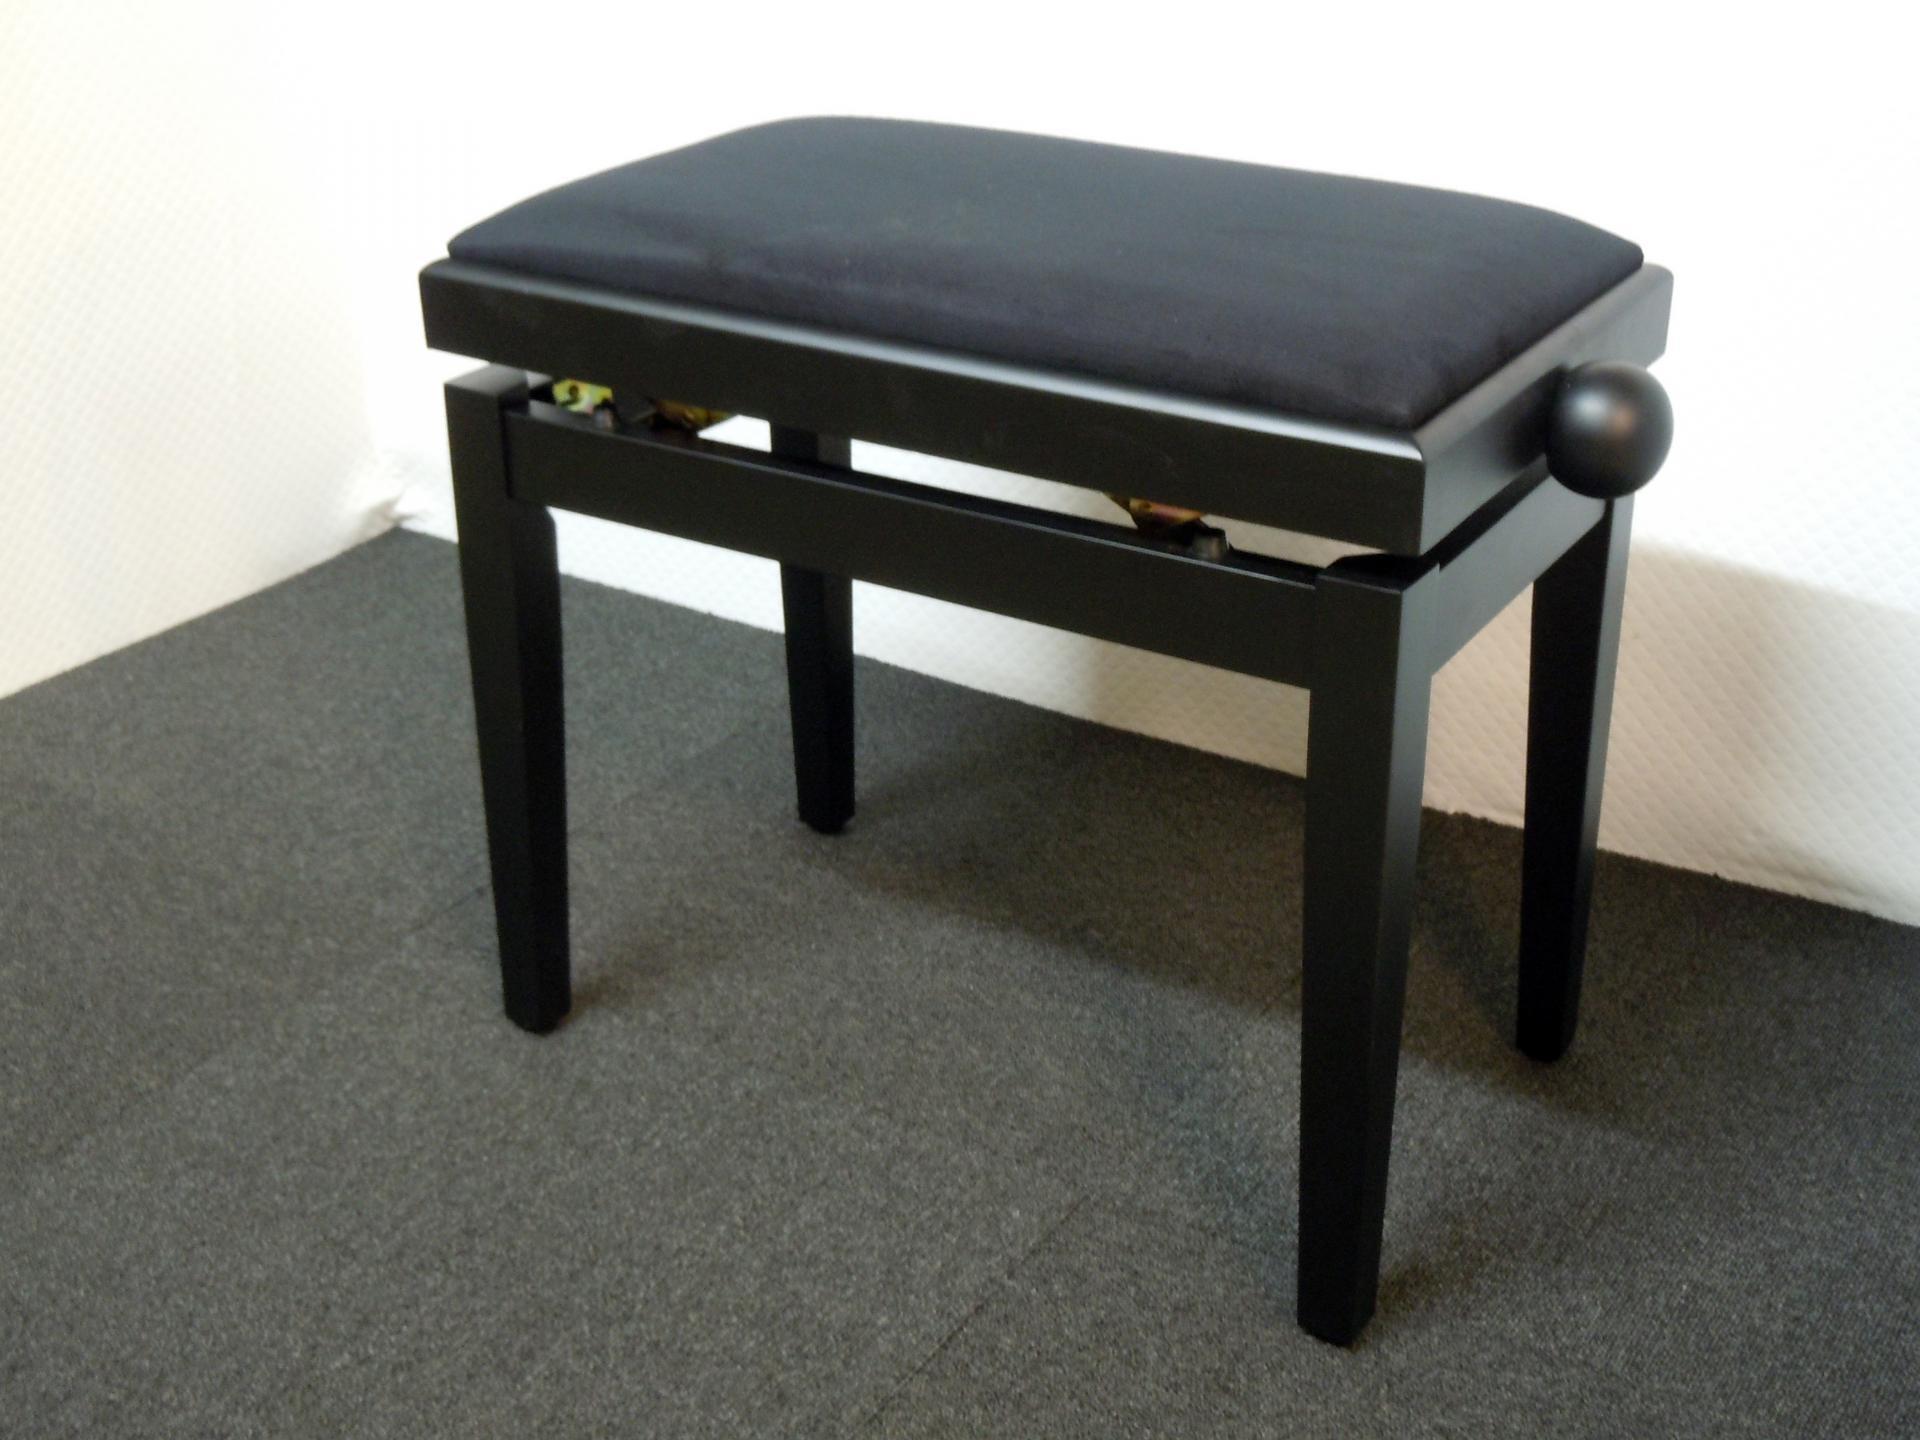 banquette de piano noir mat mod le economique. Black Bedroom Furniture Sets. Home Design Ideas